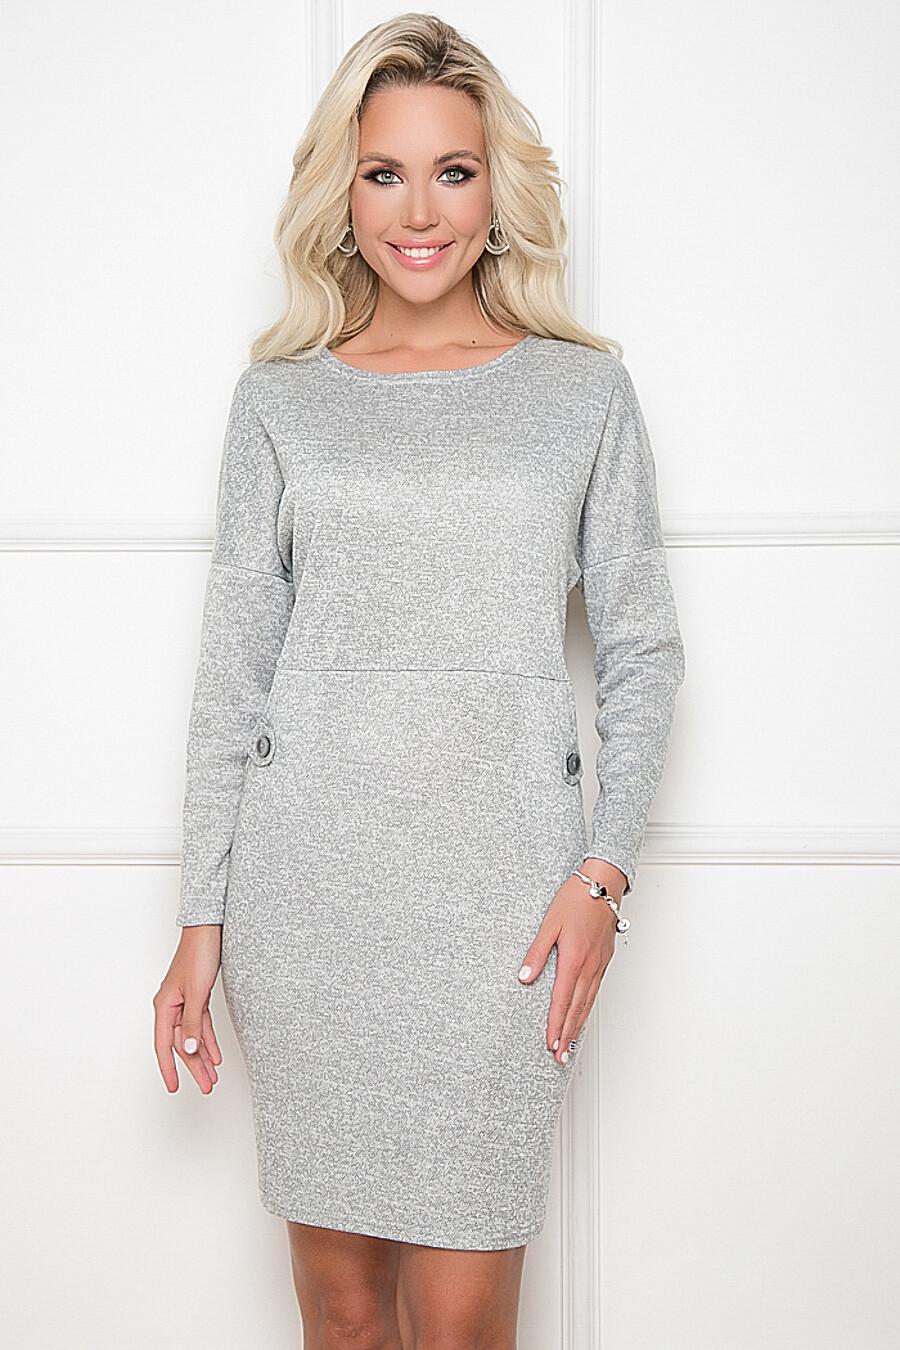 Платье Матинаро BELLOVERA (272485), купить в Moyo.moda